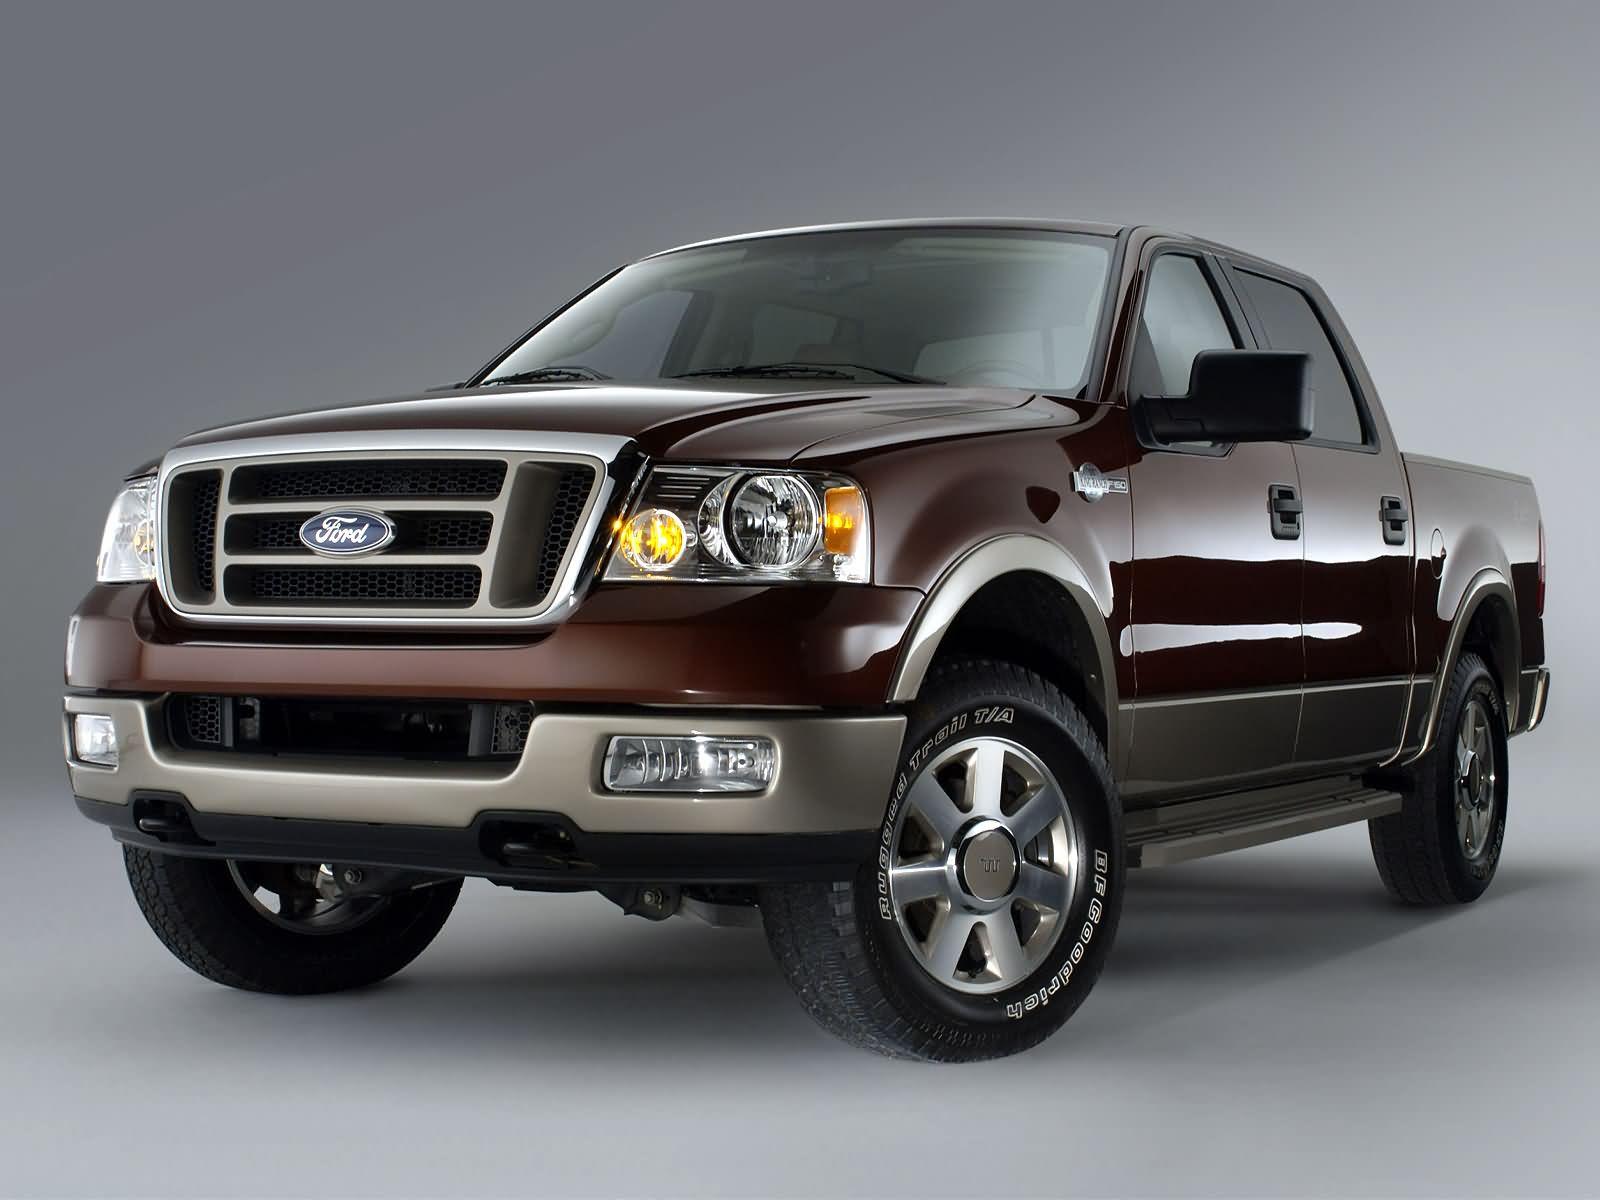 Автомобили форд весь модельный ряд фото америка